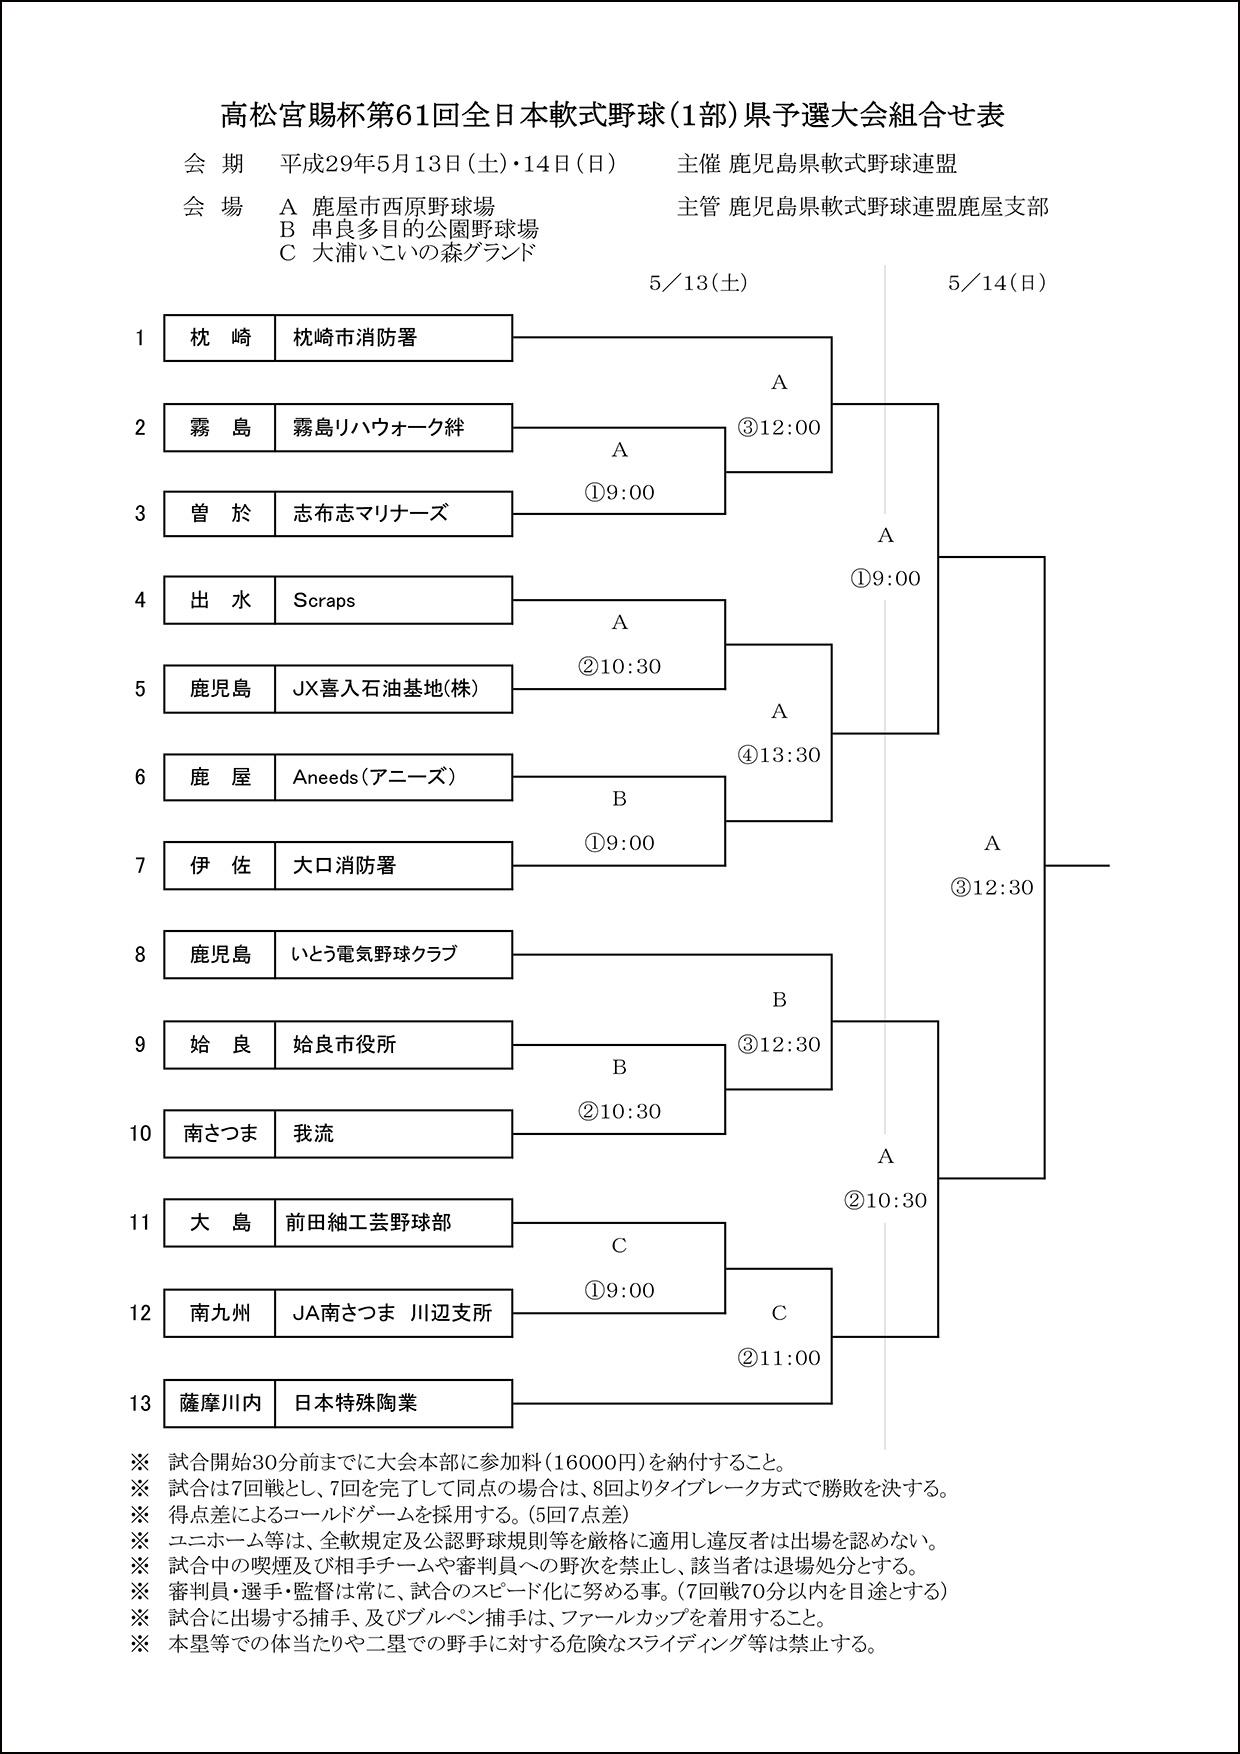 ▽【組合せ】高松宮賜杯第61回全日本軟式野球(1部)県予選大会組合せ表